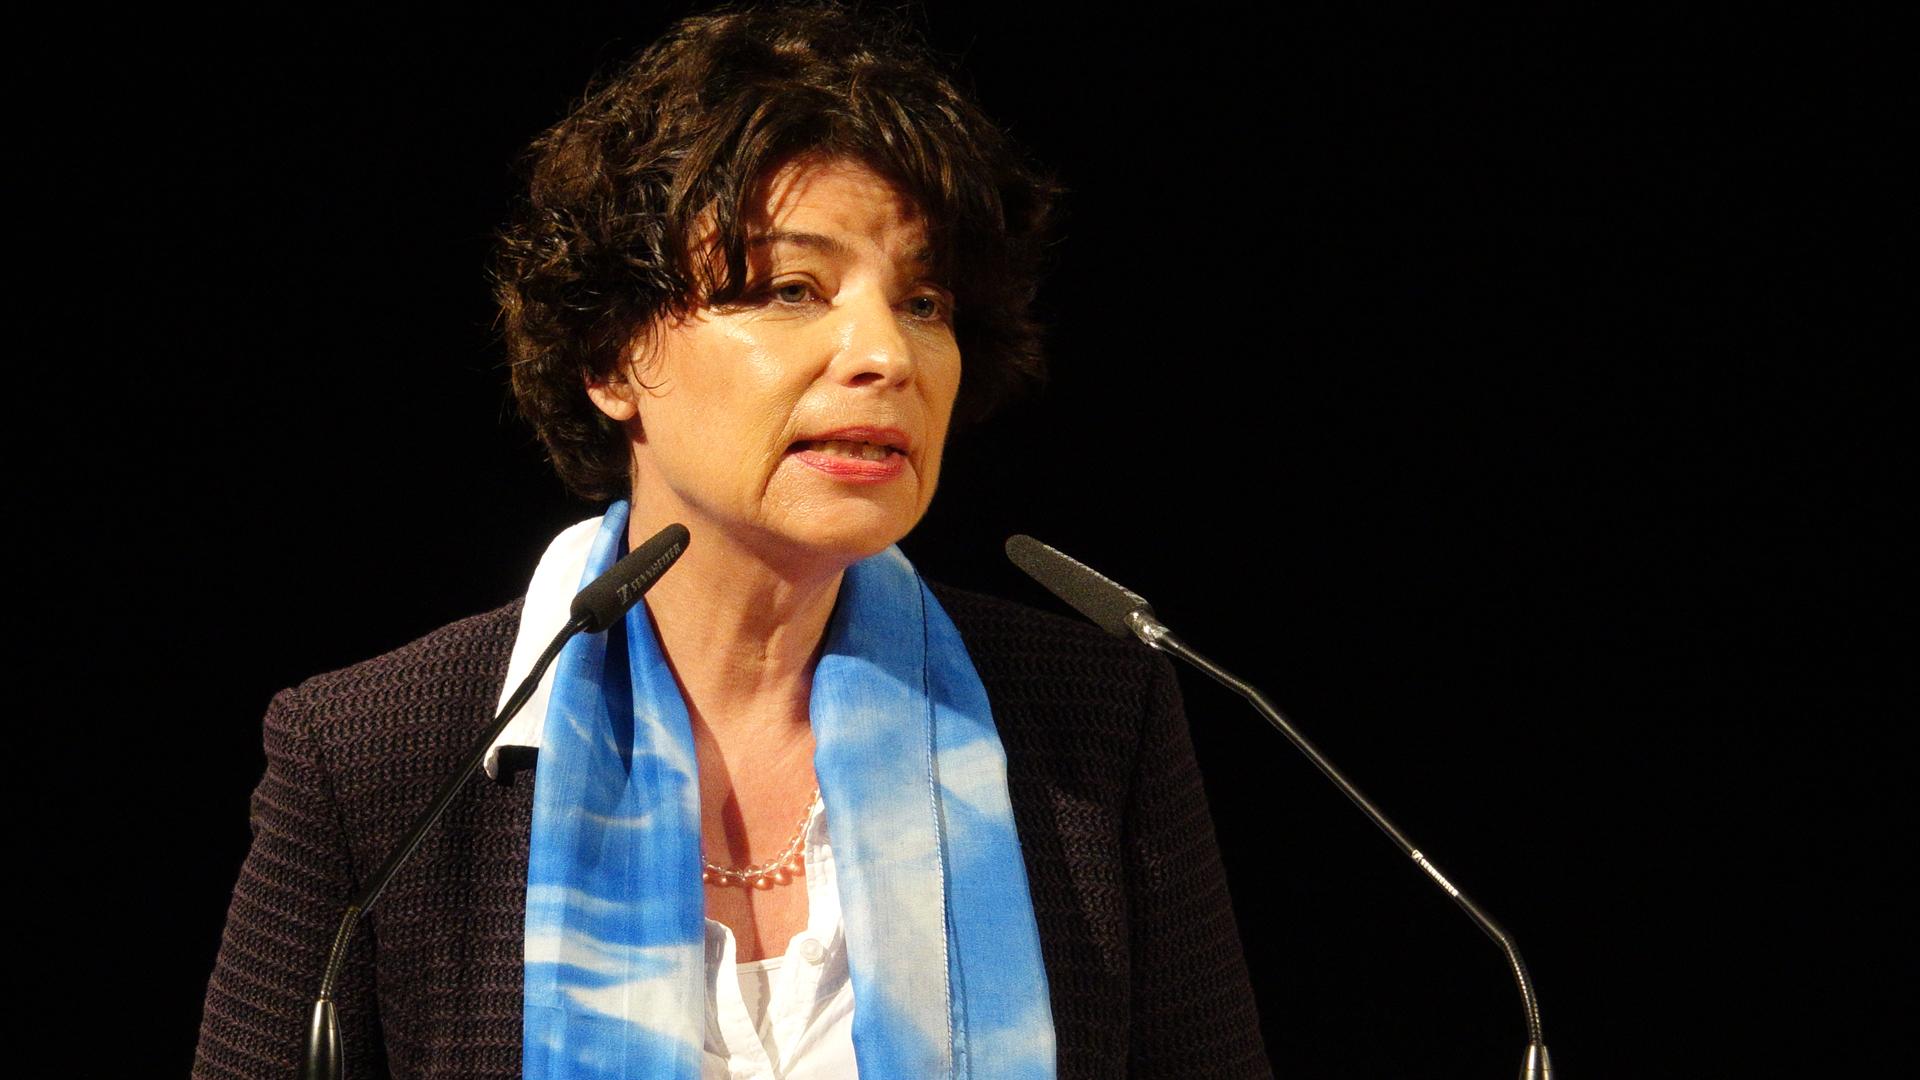 Petra Grimm leitet an der Hochschule der Medien in Stuttgart das Institut für Digitale Ethik